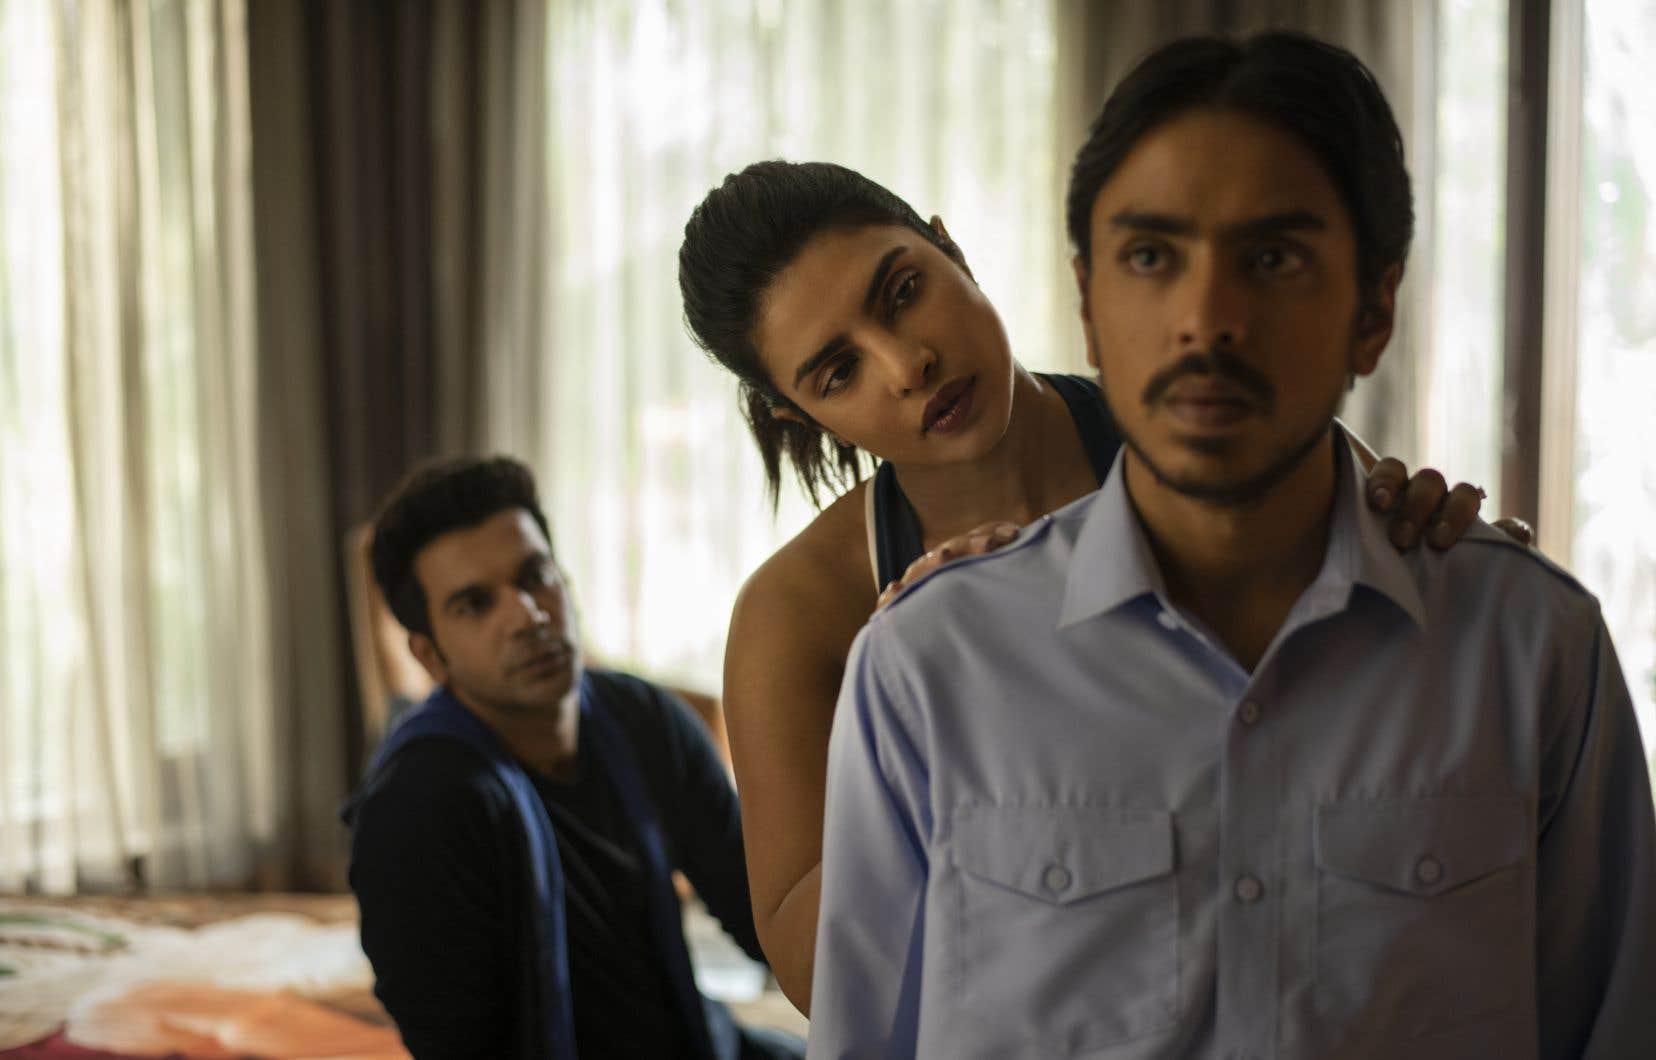 Balram (Adarsh Gourav, devant) entre au service d'Ashok (Rajkummar Rao) et Pinky (Priyanka Chopra), un couple riche fraîchement revenu des États-Unis. C'est à leur contact qu'il prendra conscience de l'ampleur de la corruption en Inde.